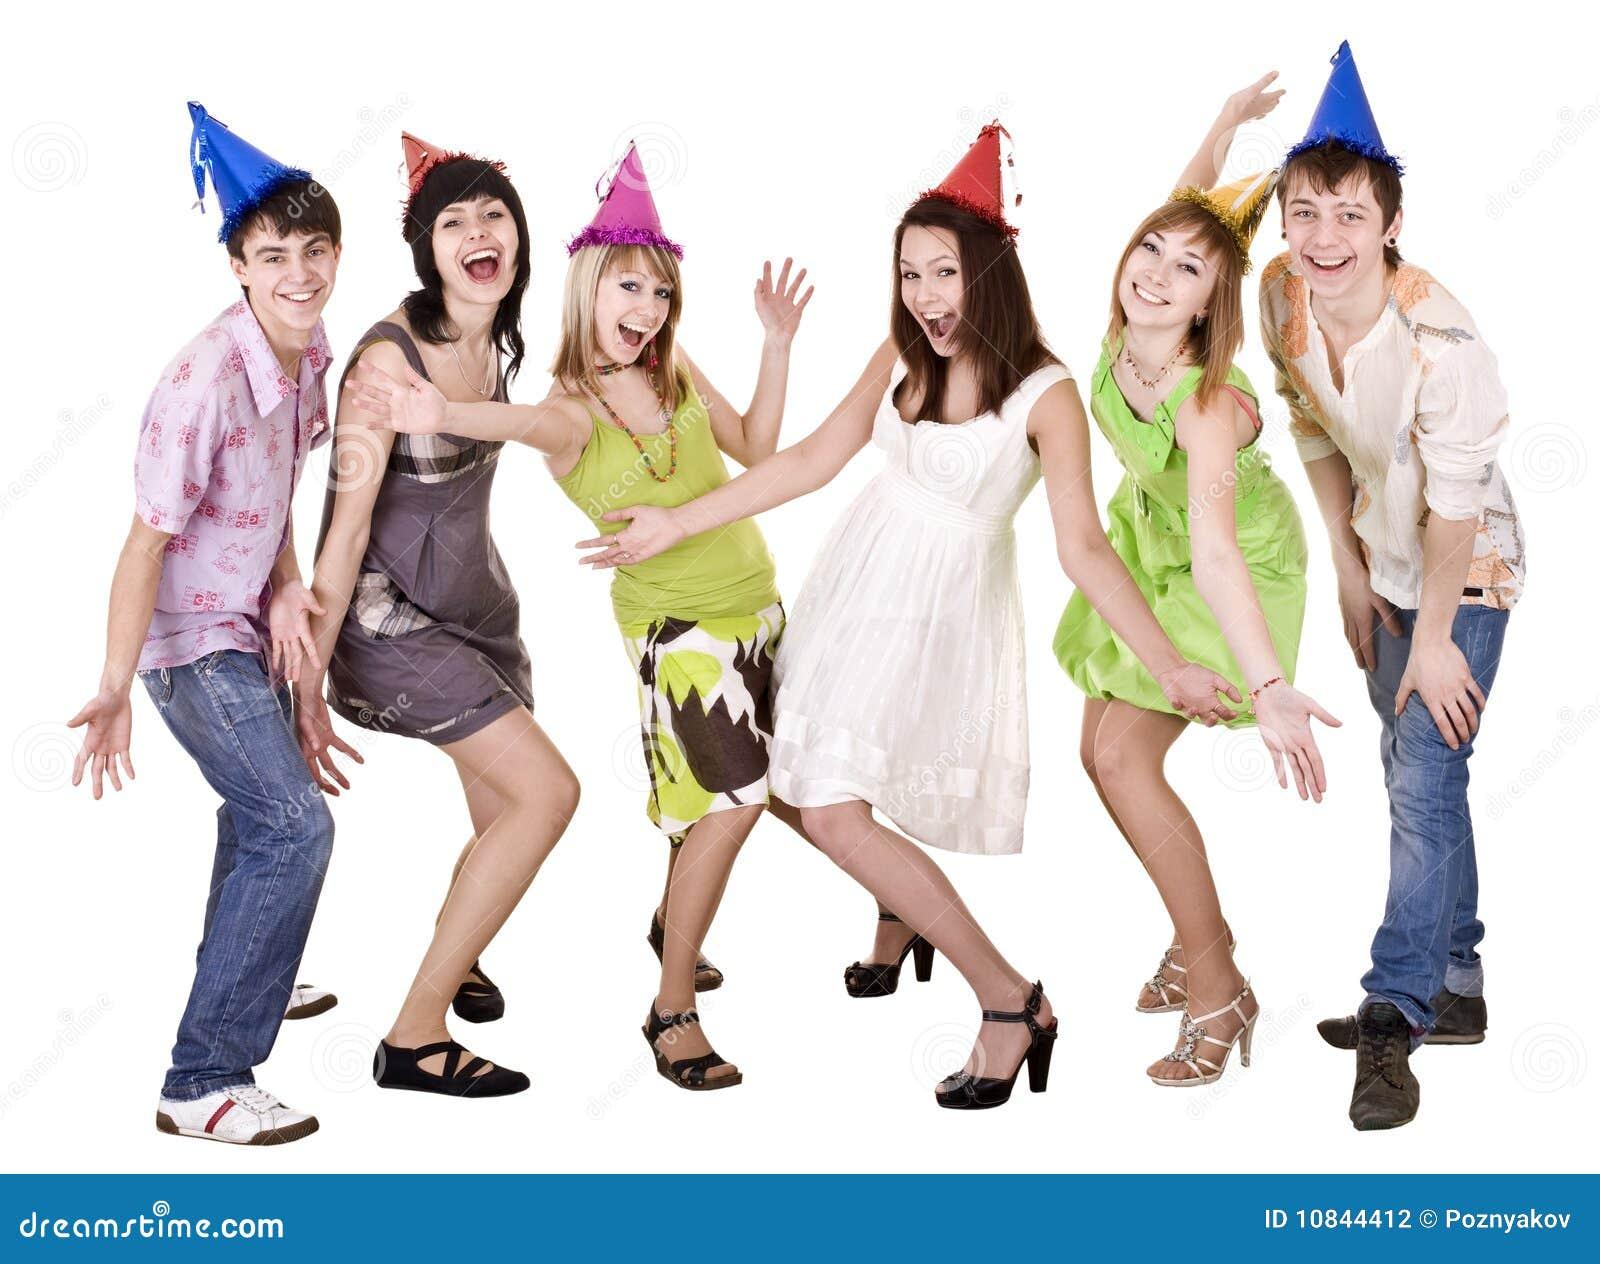 Glückliche Gruppe von Personen feiern Geburtstag.